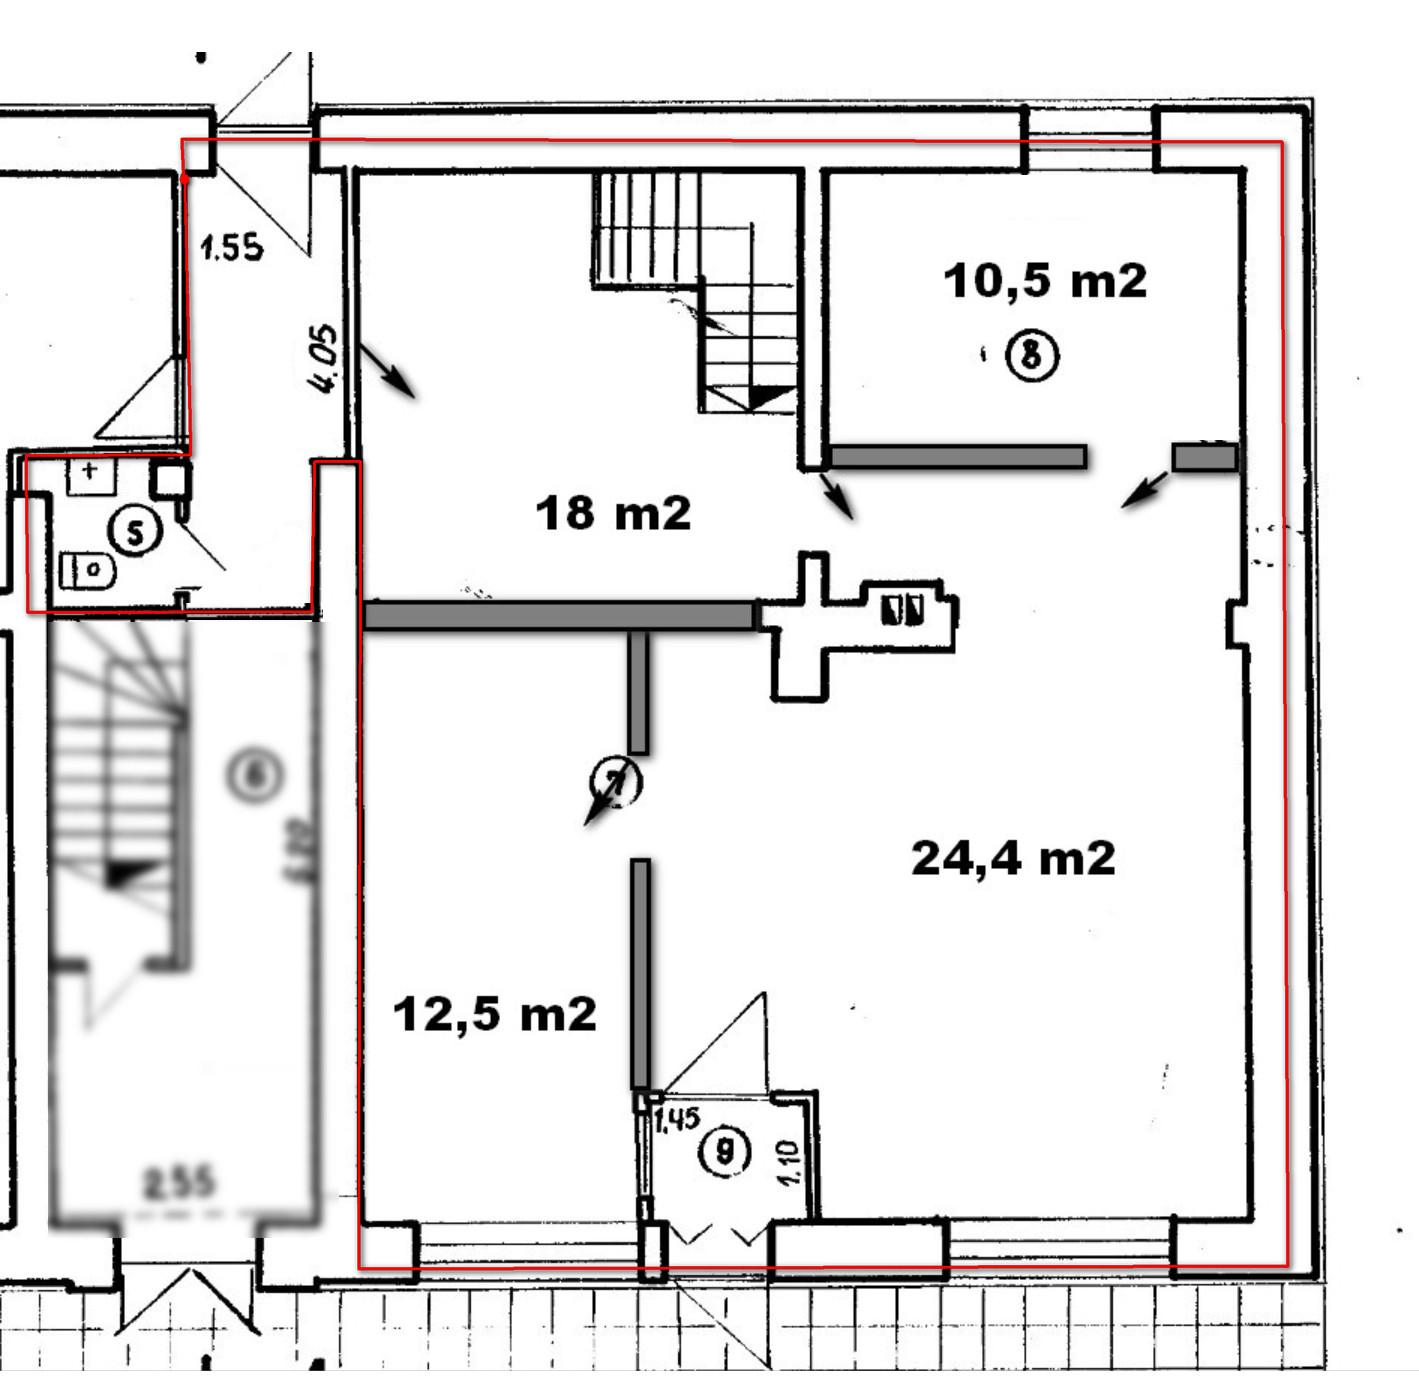 13 Vabaduse puiestee, Kiviõli, 1 Room Rooms,kontor,rent,Vabaduse ärimaja,Vabaduse puiestee,2,1004